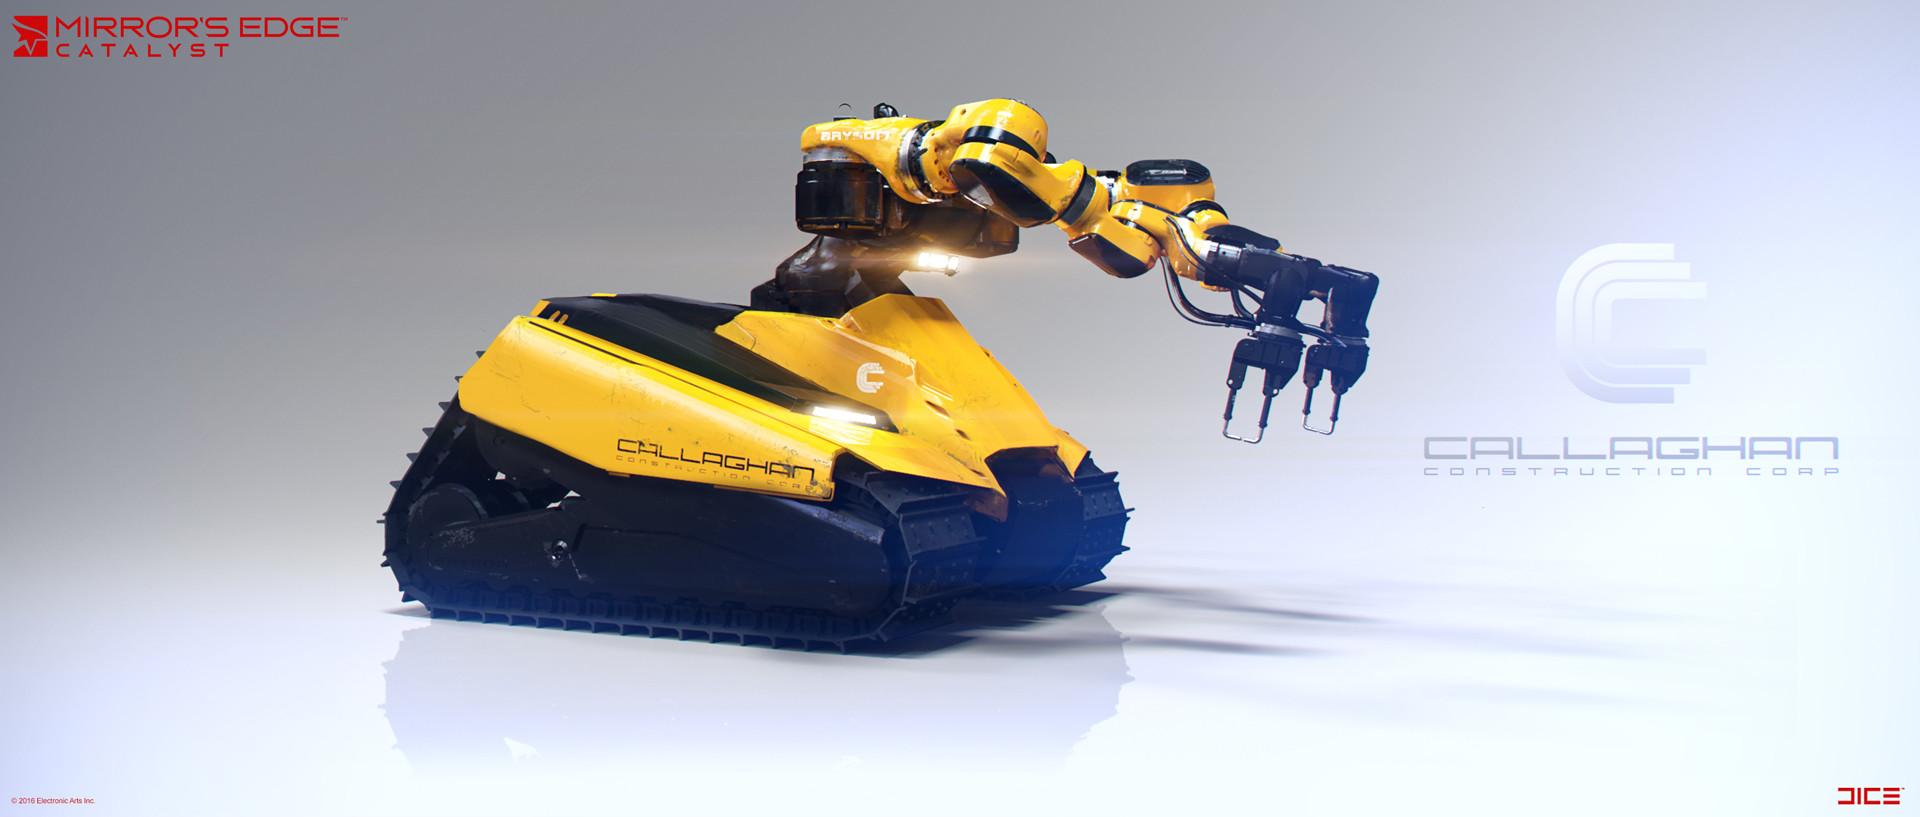 Per haagensen construction robotics concept 01